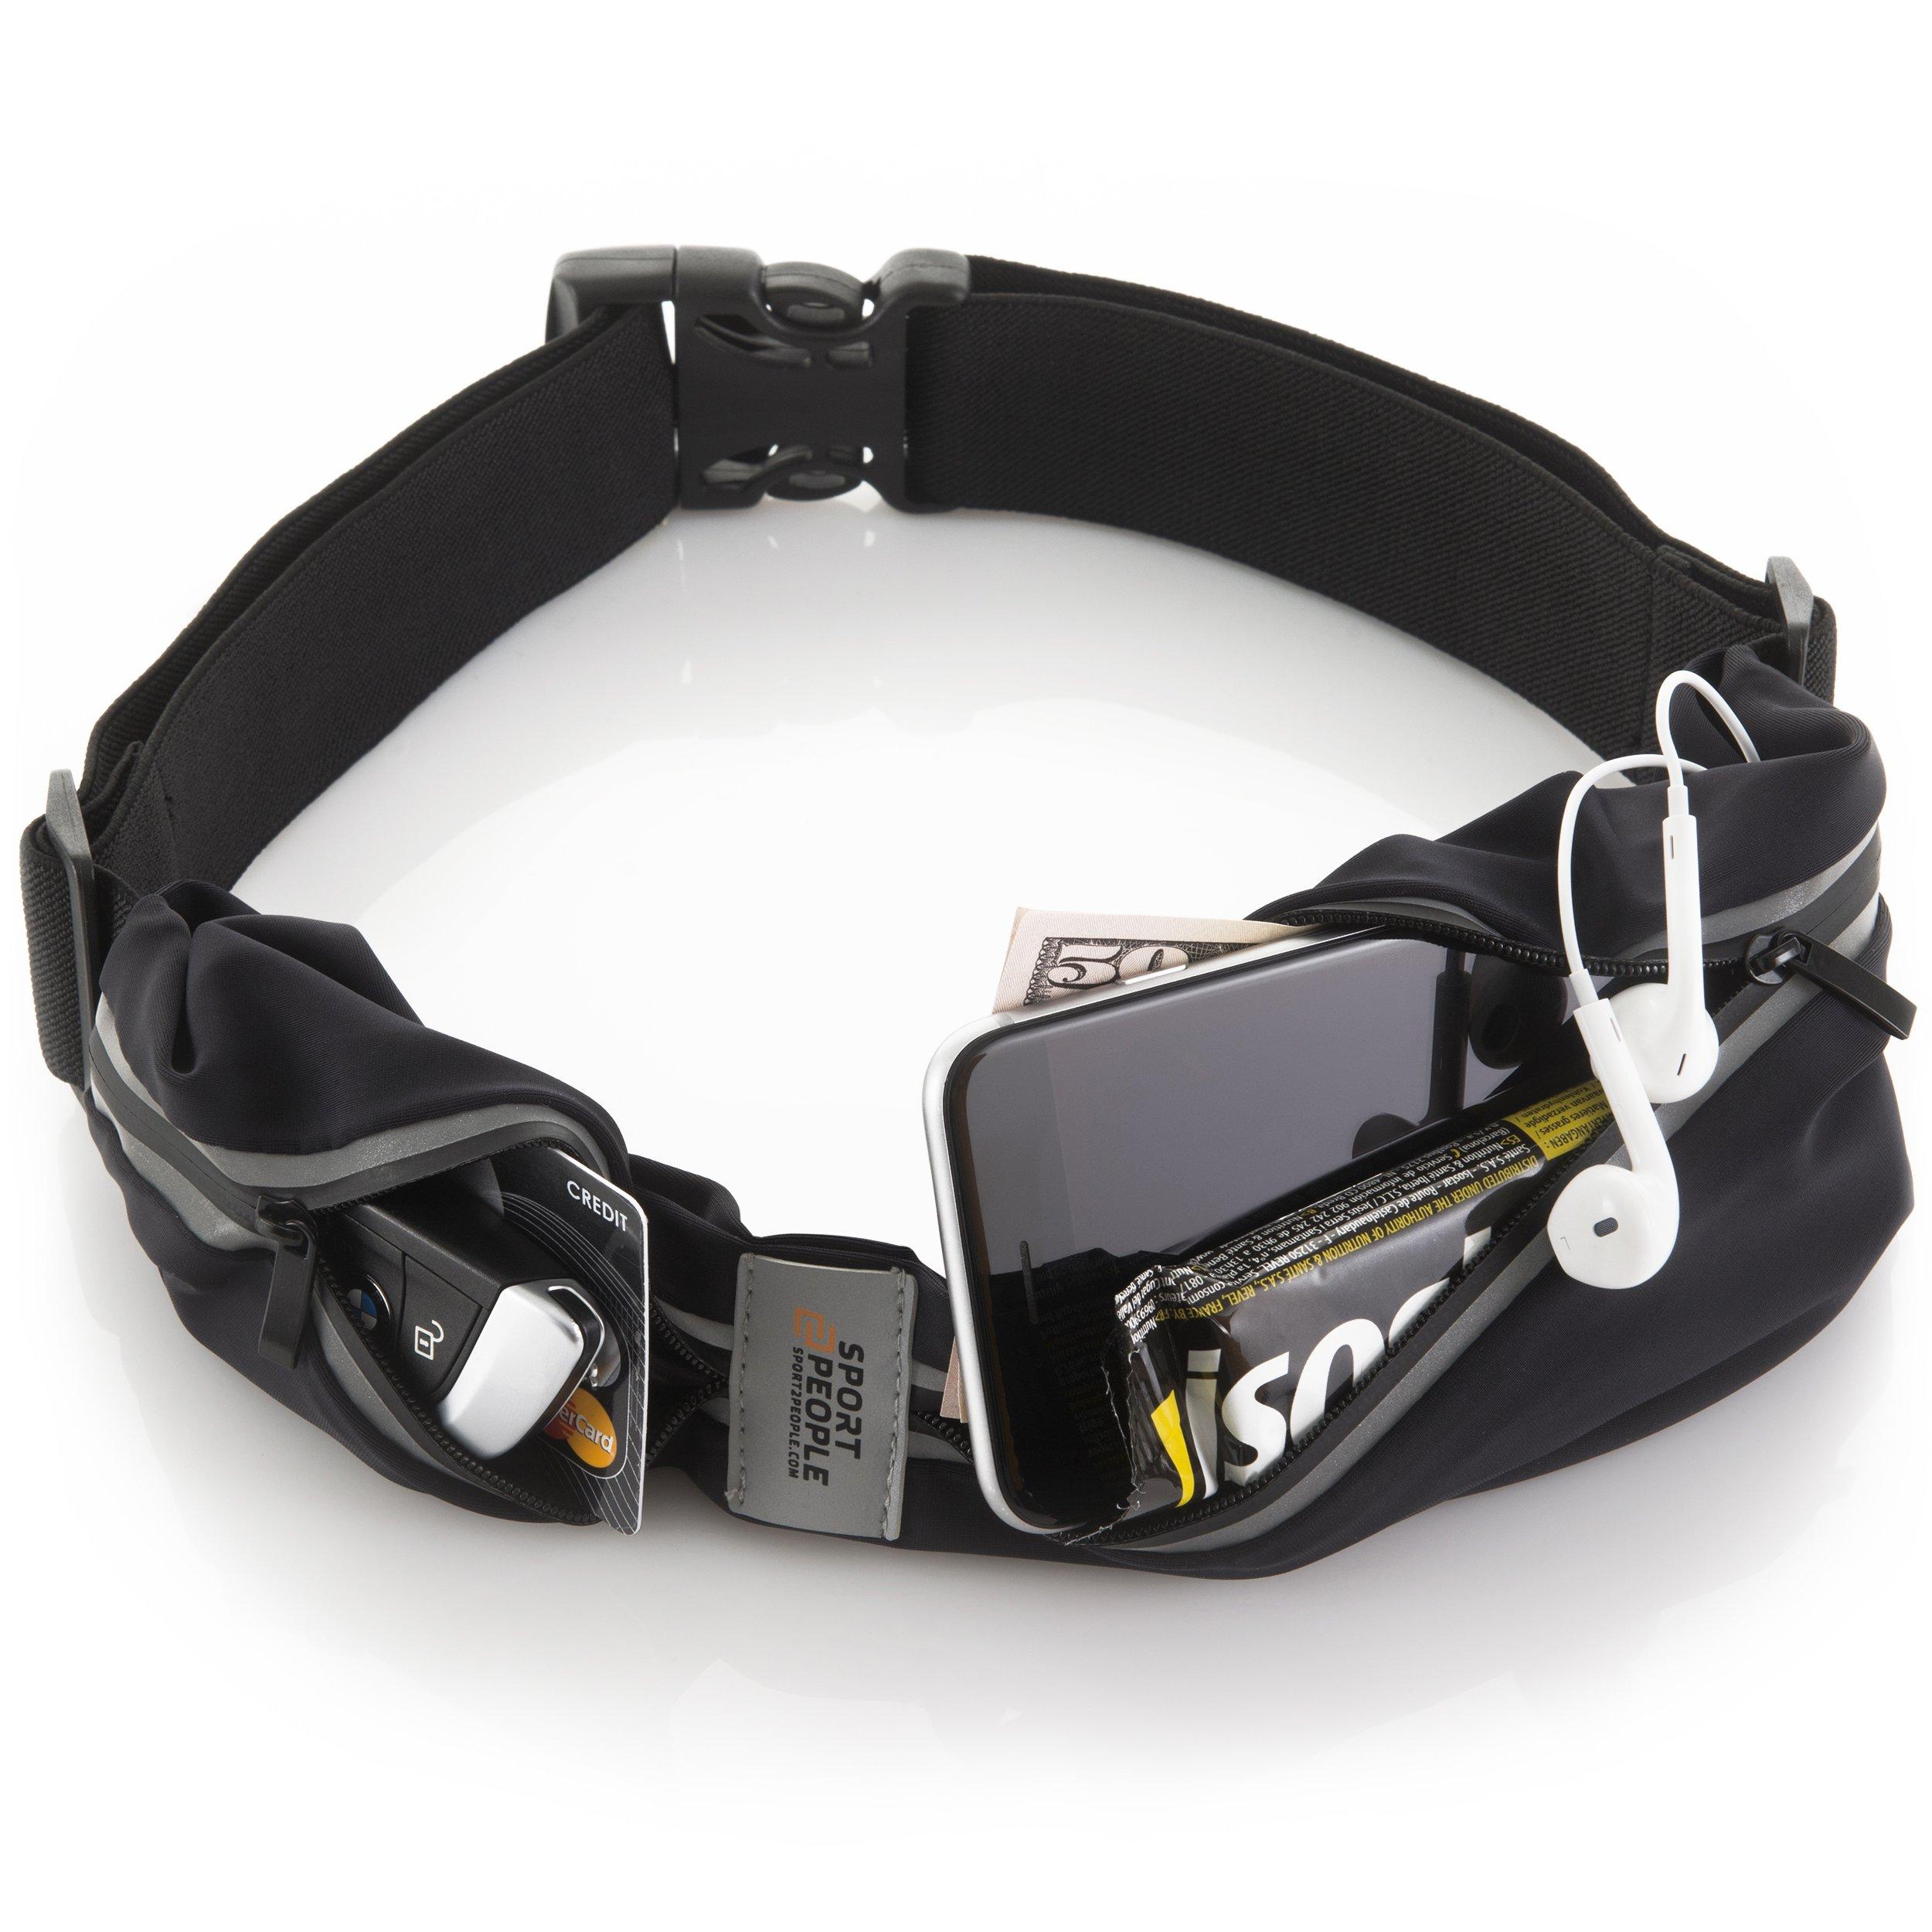 跑步腰带美国–iphone X 678PLUS 皮套适用于 RUNNERS Best 健身齿轮适用于 hands-free 锻炼。 freerunning 反光腰包手机支架。 男式女式儿童跑步附件